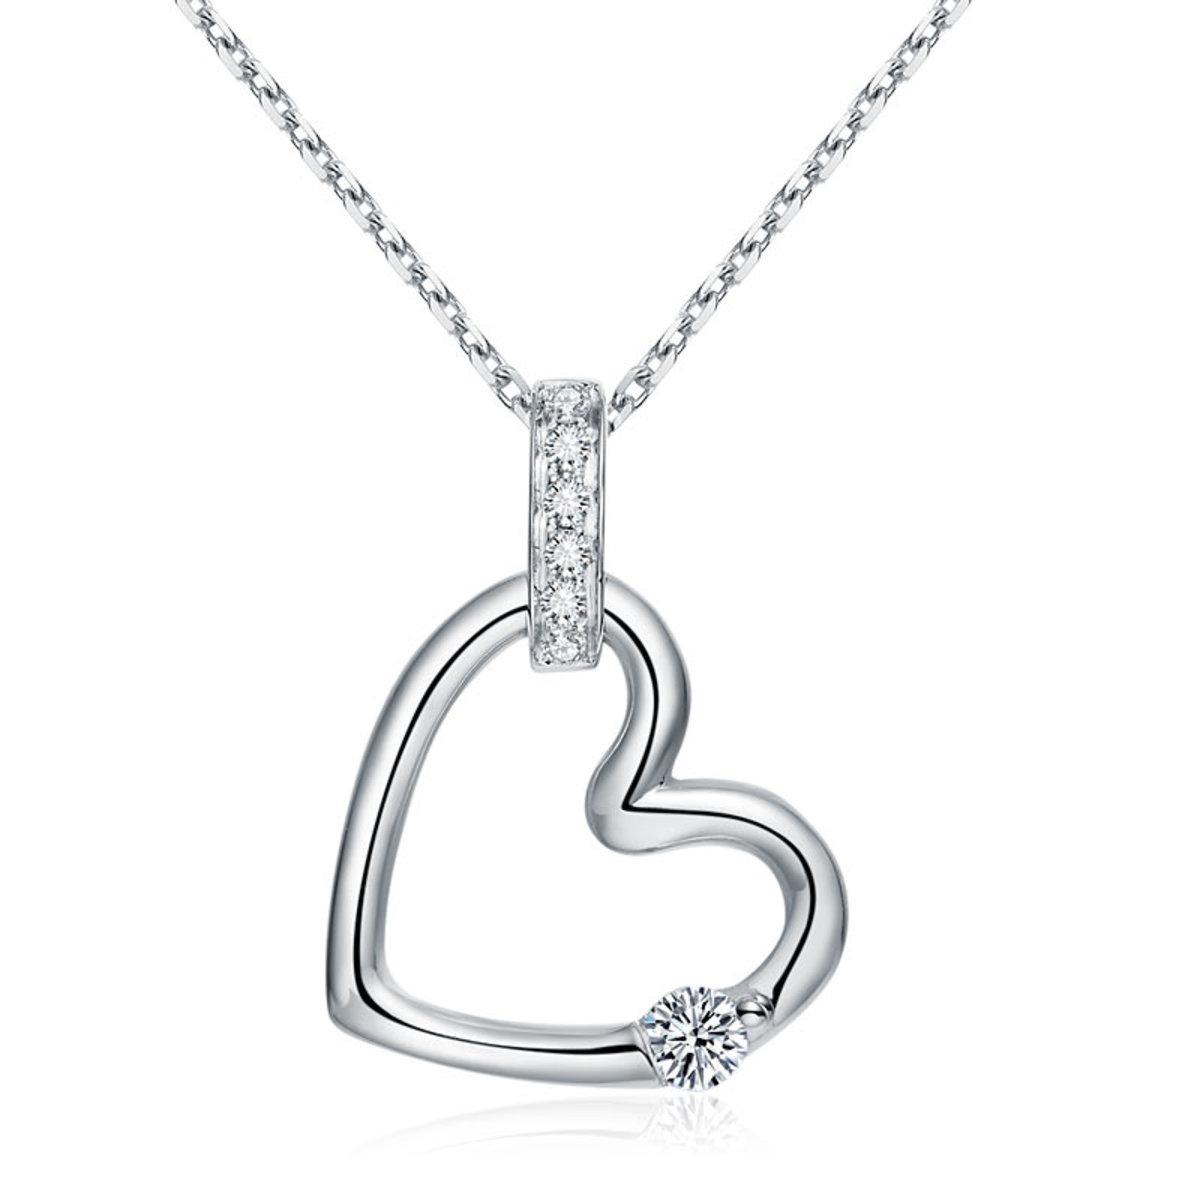 純18K/750 白金心形0.11克拉鑽石吊墜項鏈獨特鑽飾